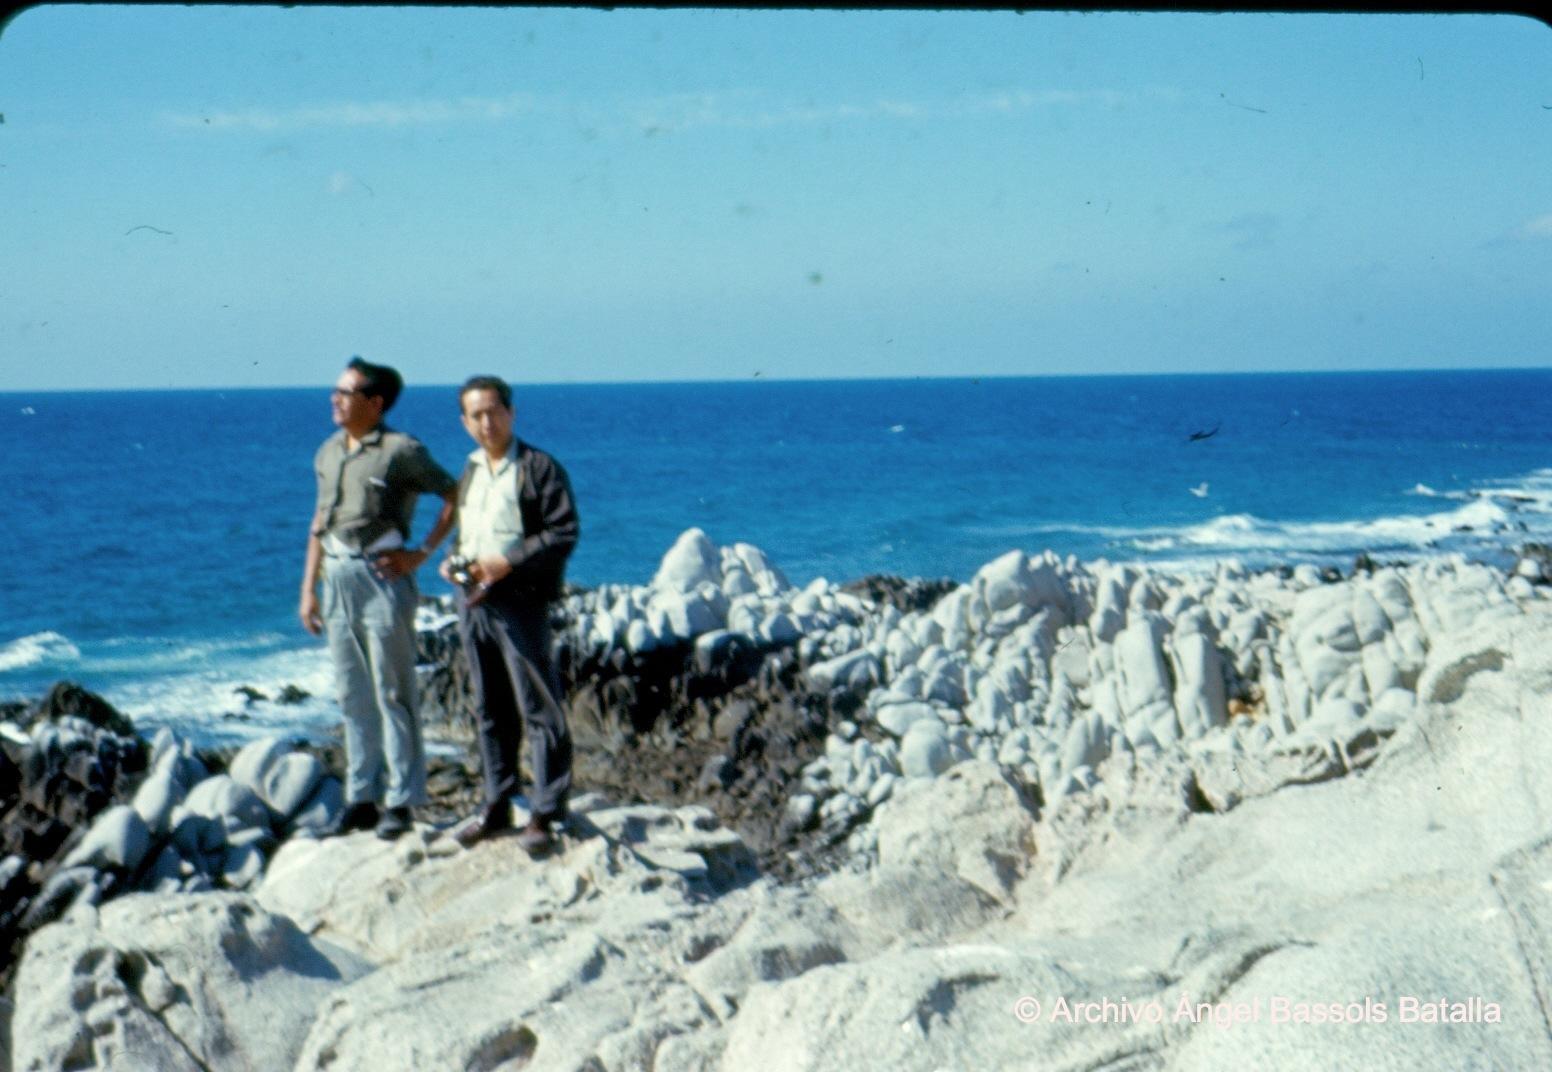 Peñas en Bahía Choya